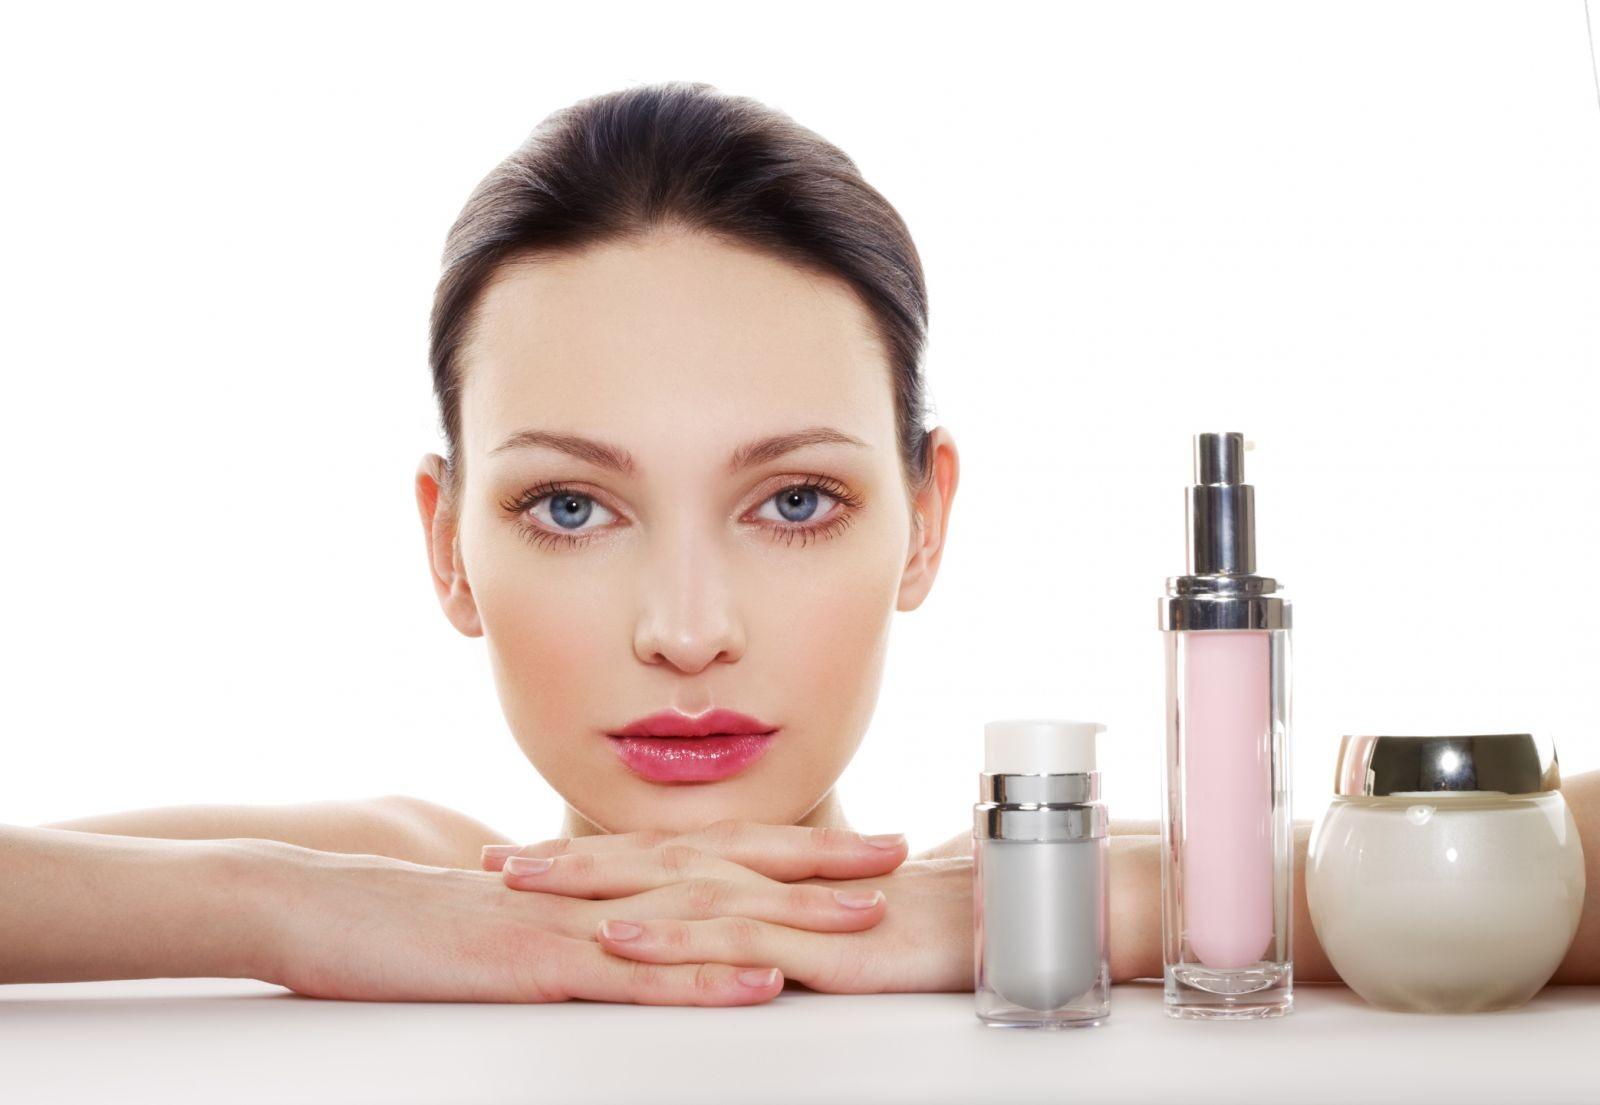 Bạn đã biết sử dụng kem dưỡng da đúng cách chưa?